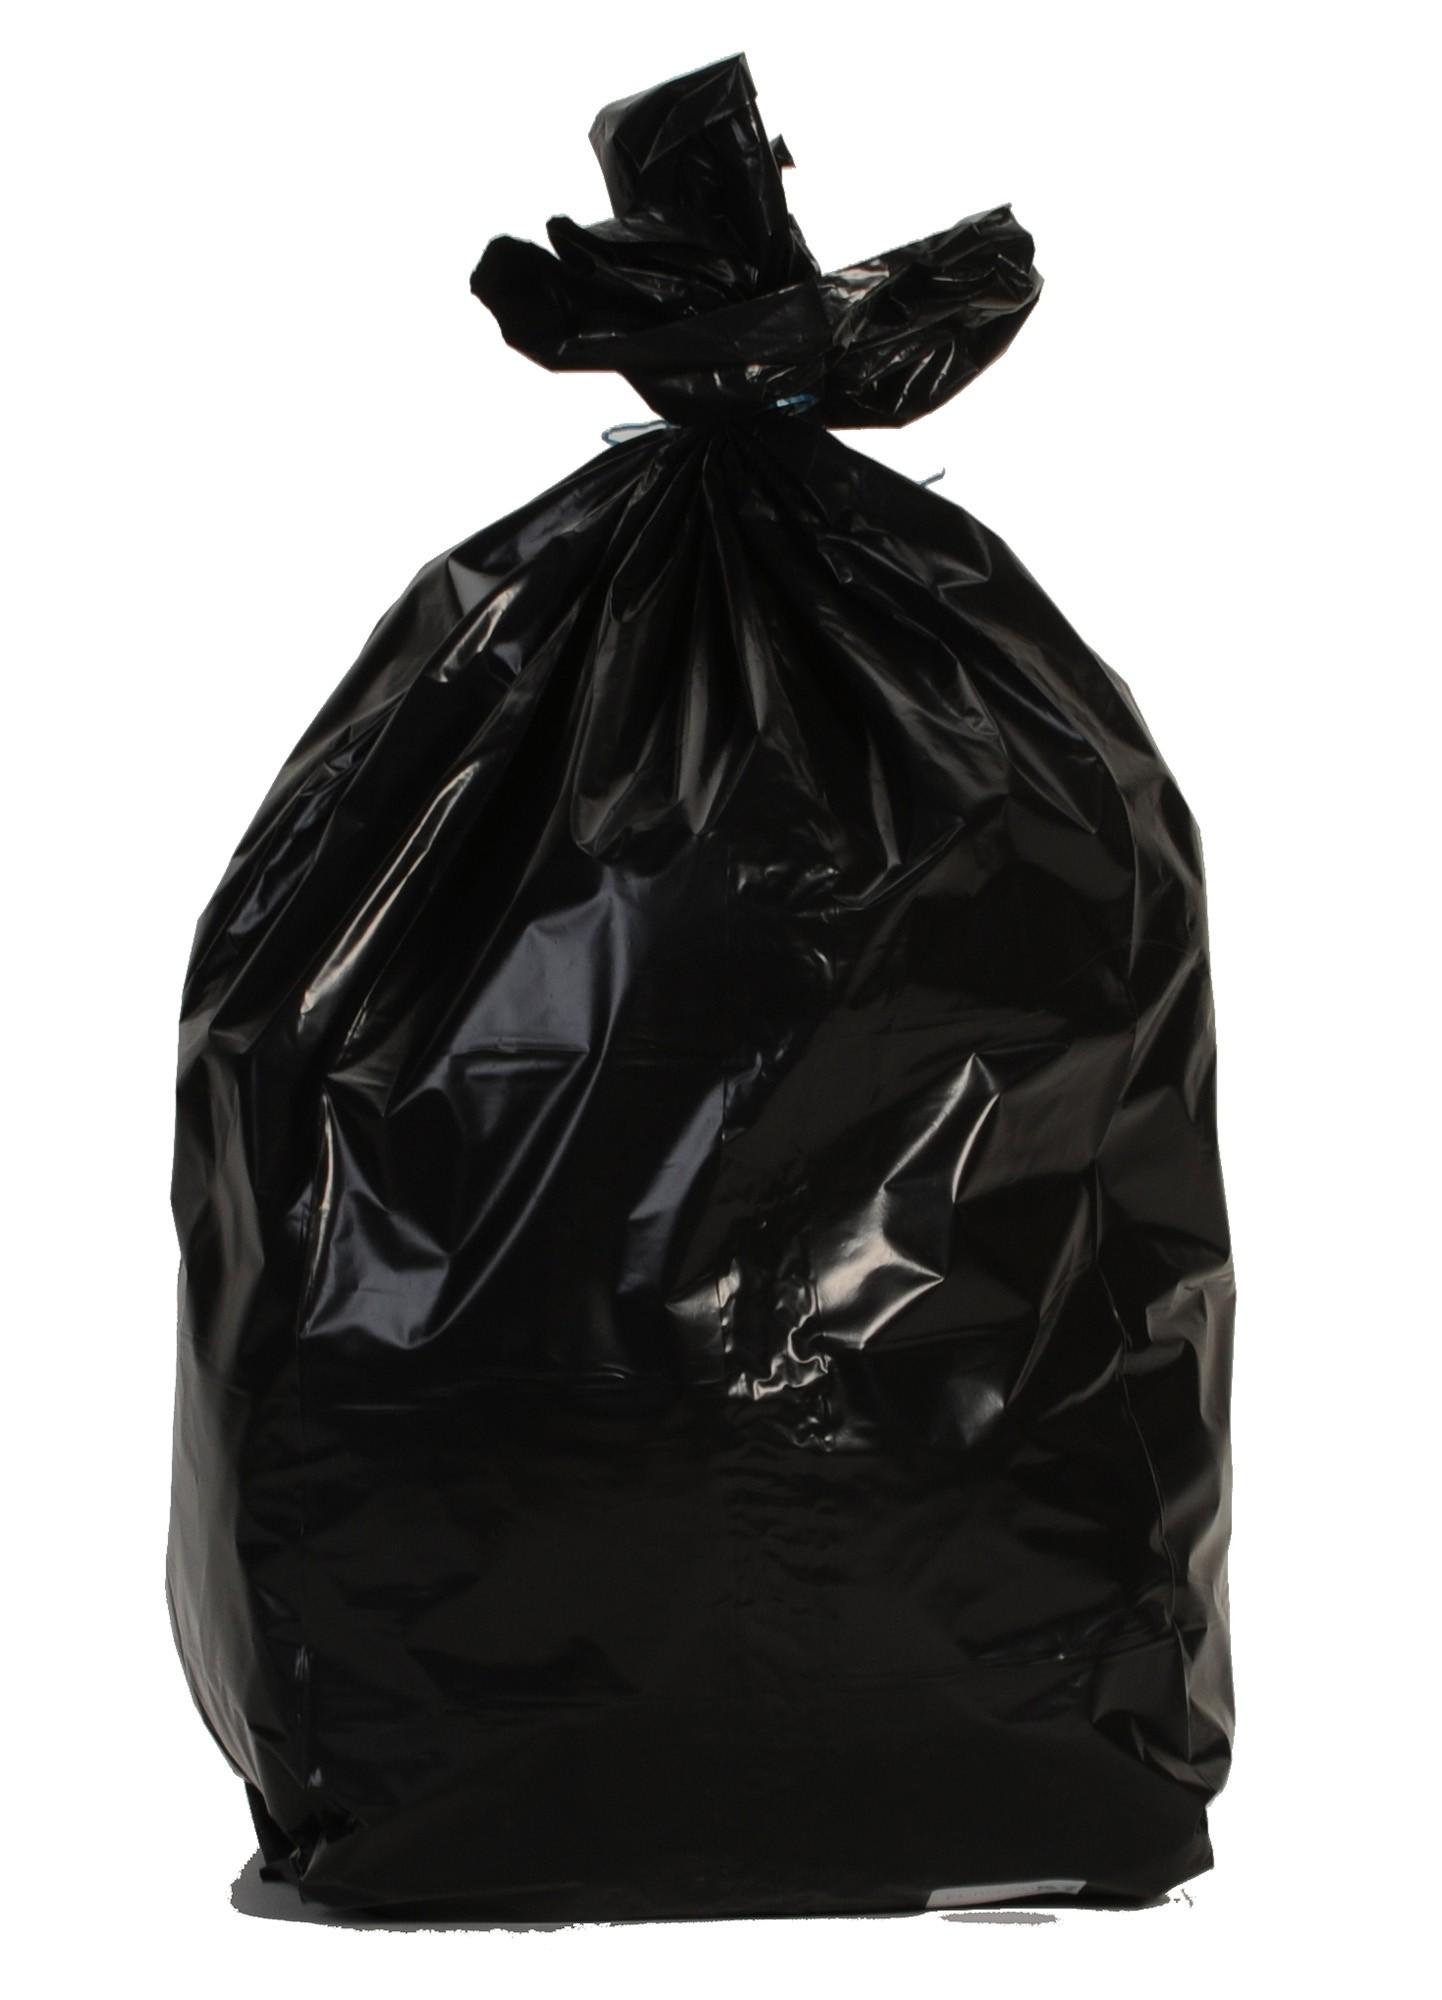 sacs poubelle pebd 150l 100 unit s basse densit noir sacs poubelles e p i poubelles. Black Bedroom Furniture Sets. Home Design Ideas